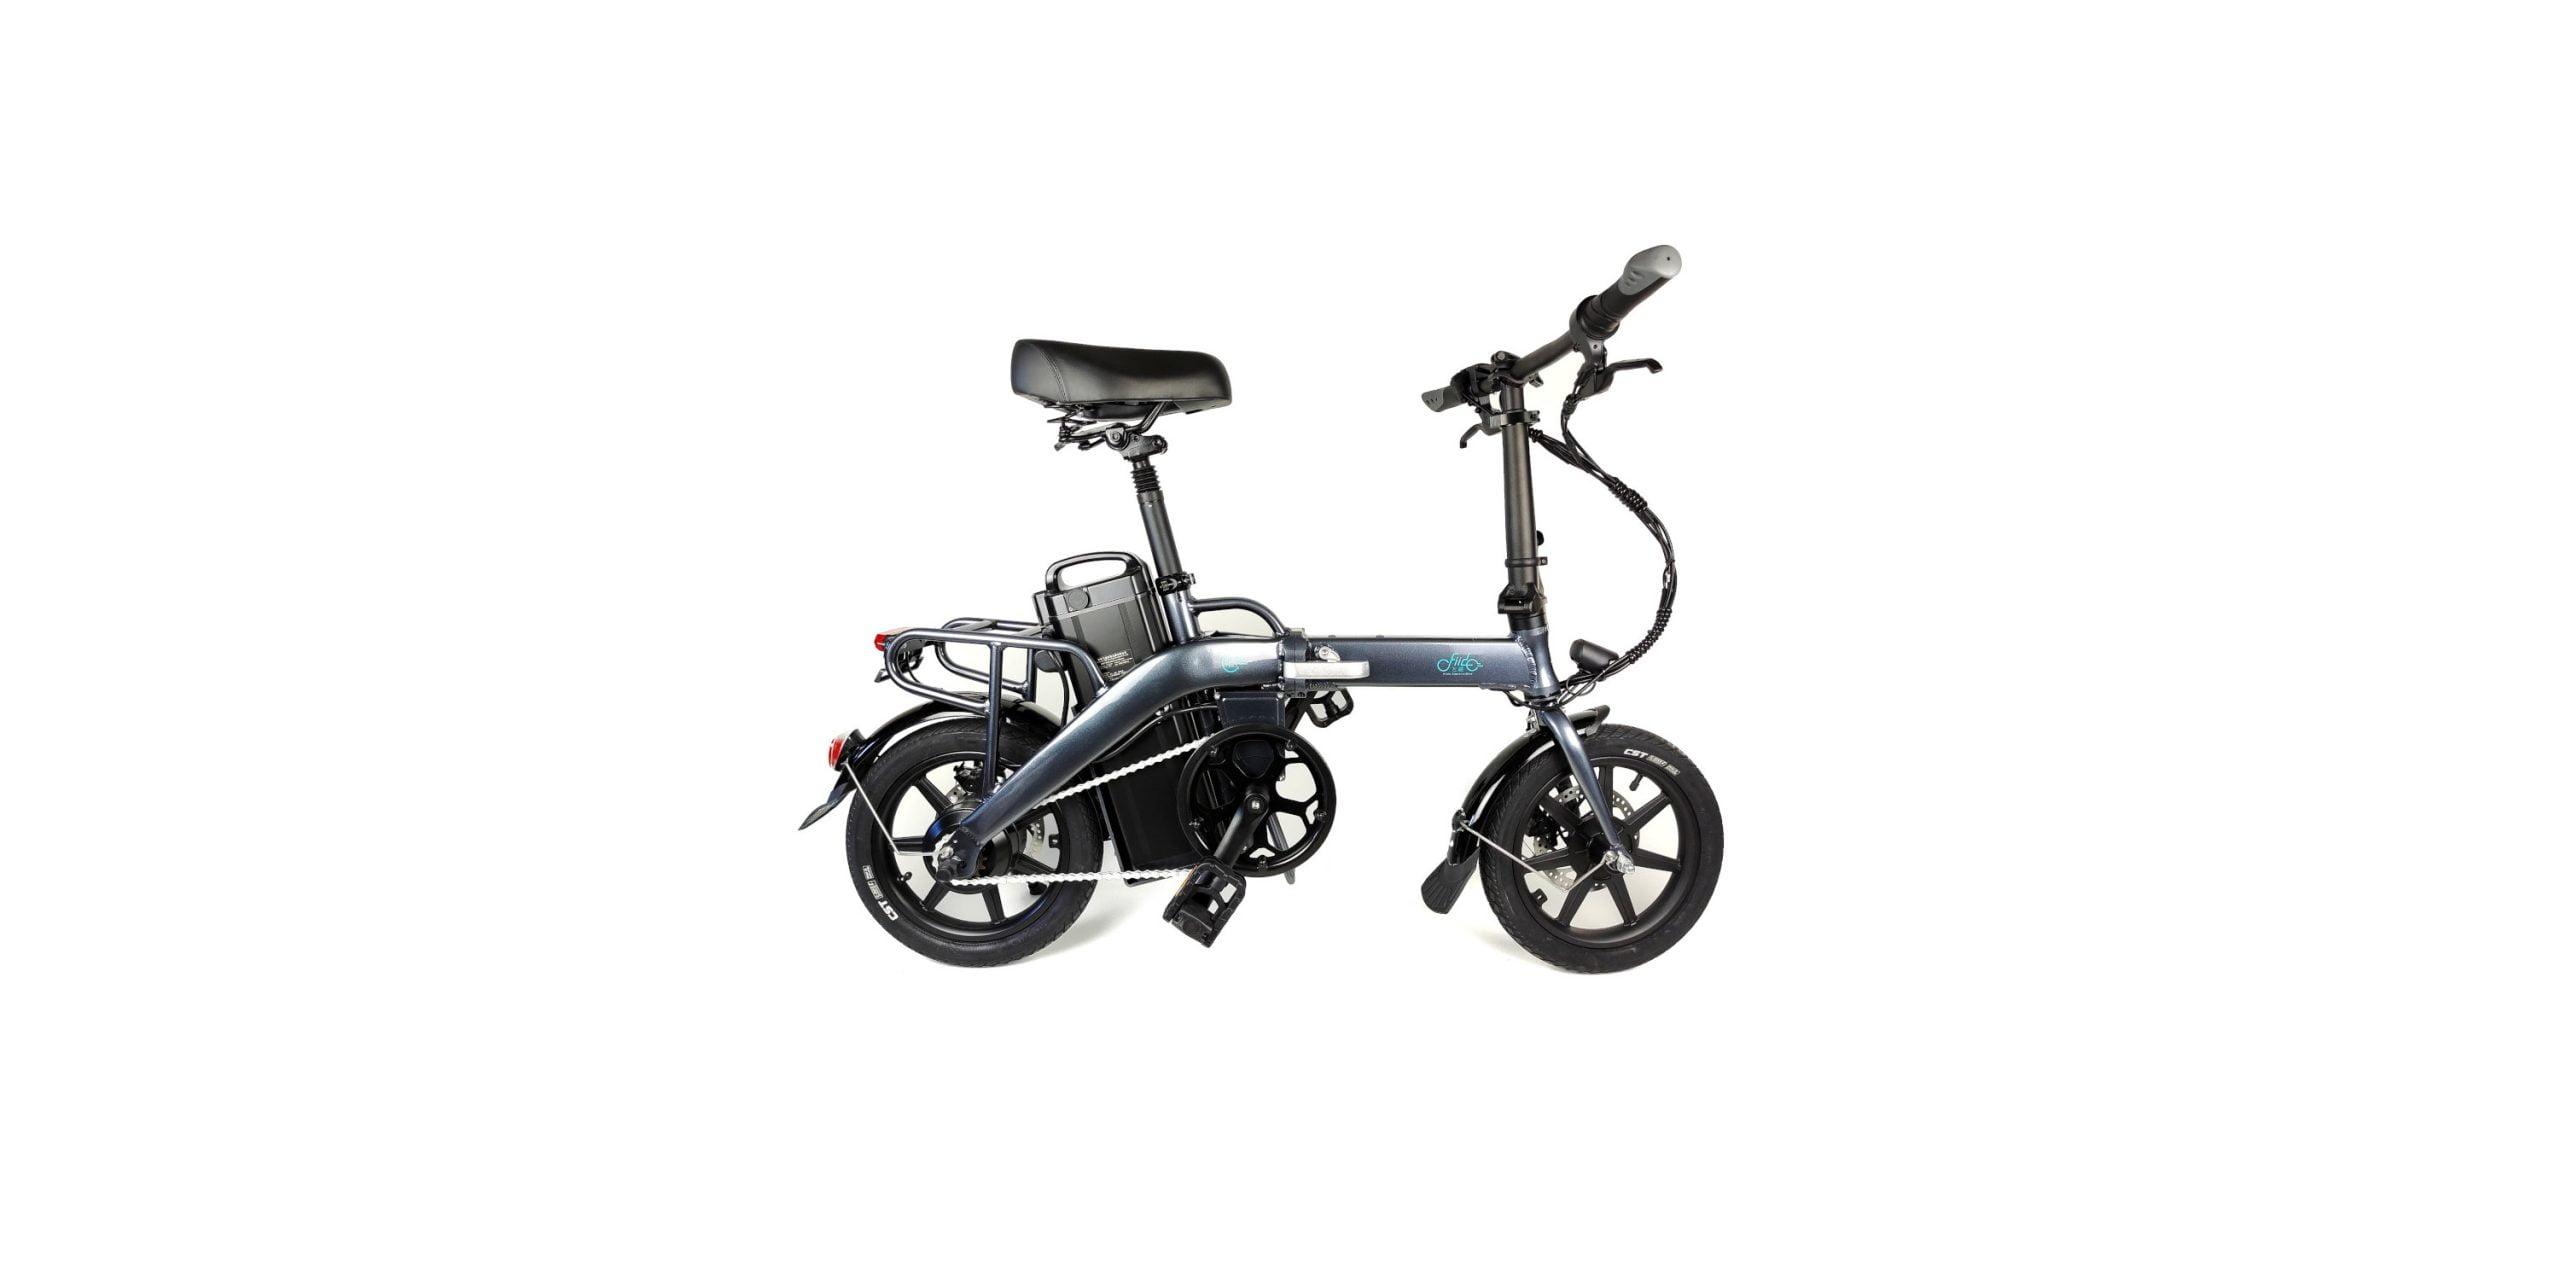 Przegląd raportu z testu roweru elektrycznego FIIDO L3